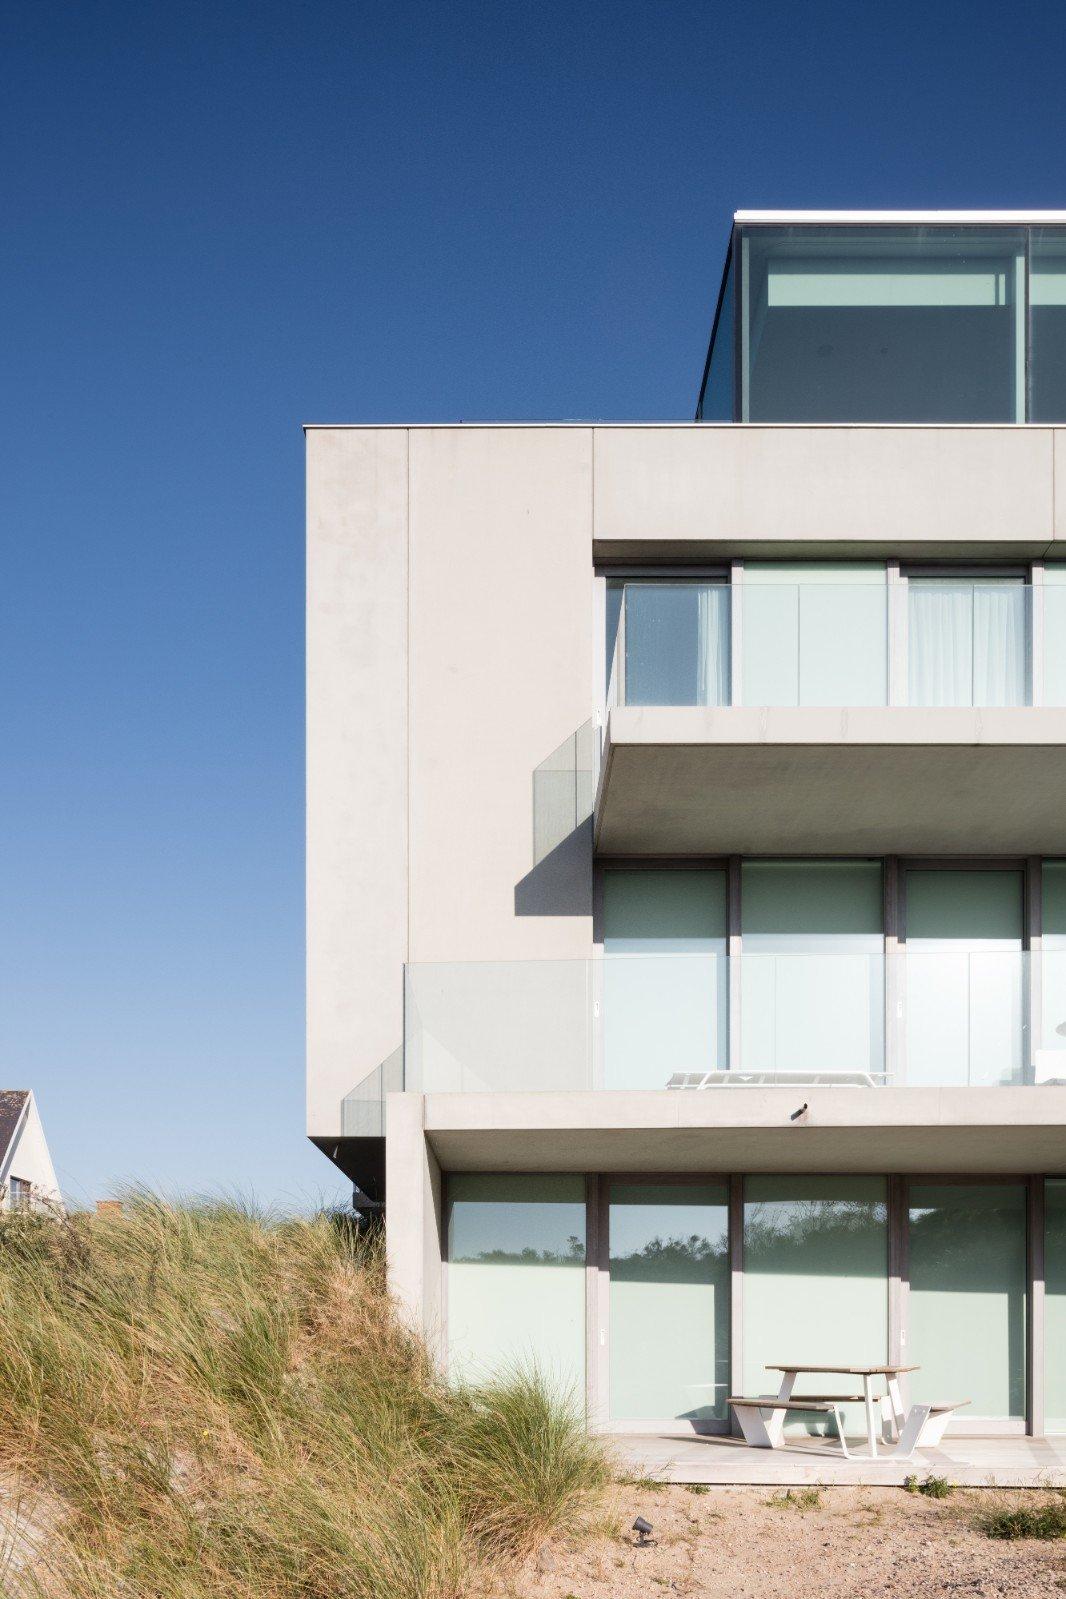 Rietveldprojects-saarinen-appartement-design-architectuur-kust-tvdv12.jpg